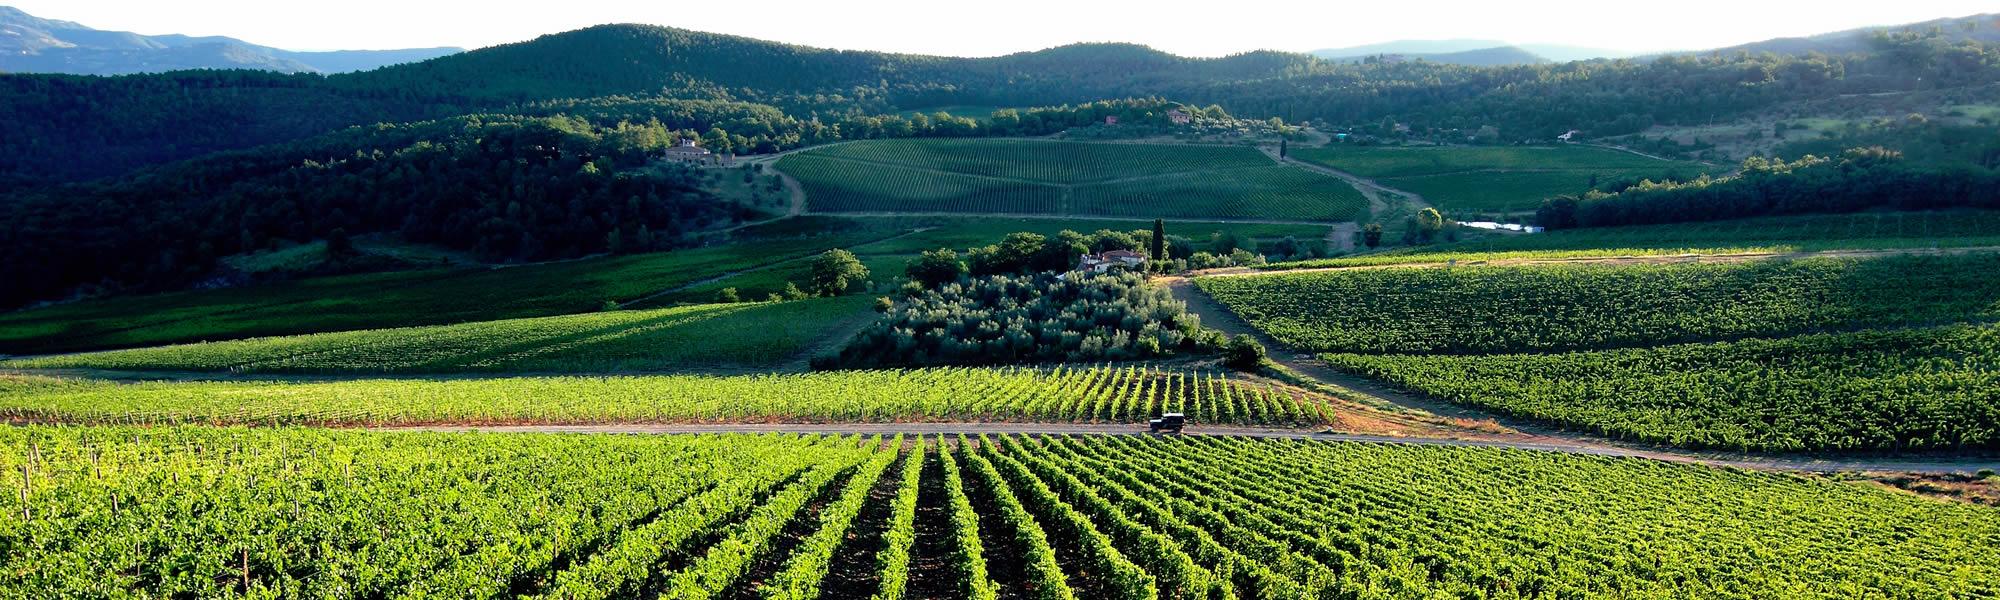 Gite di un giorno in Toscana